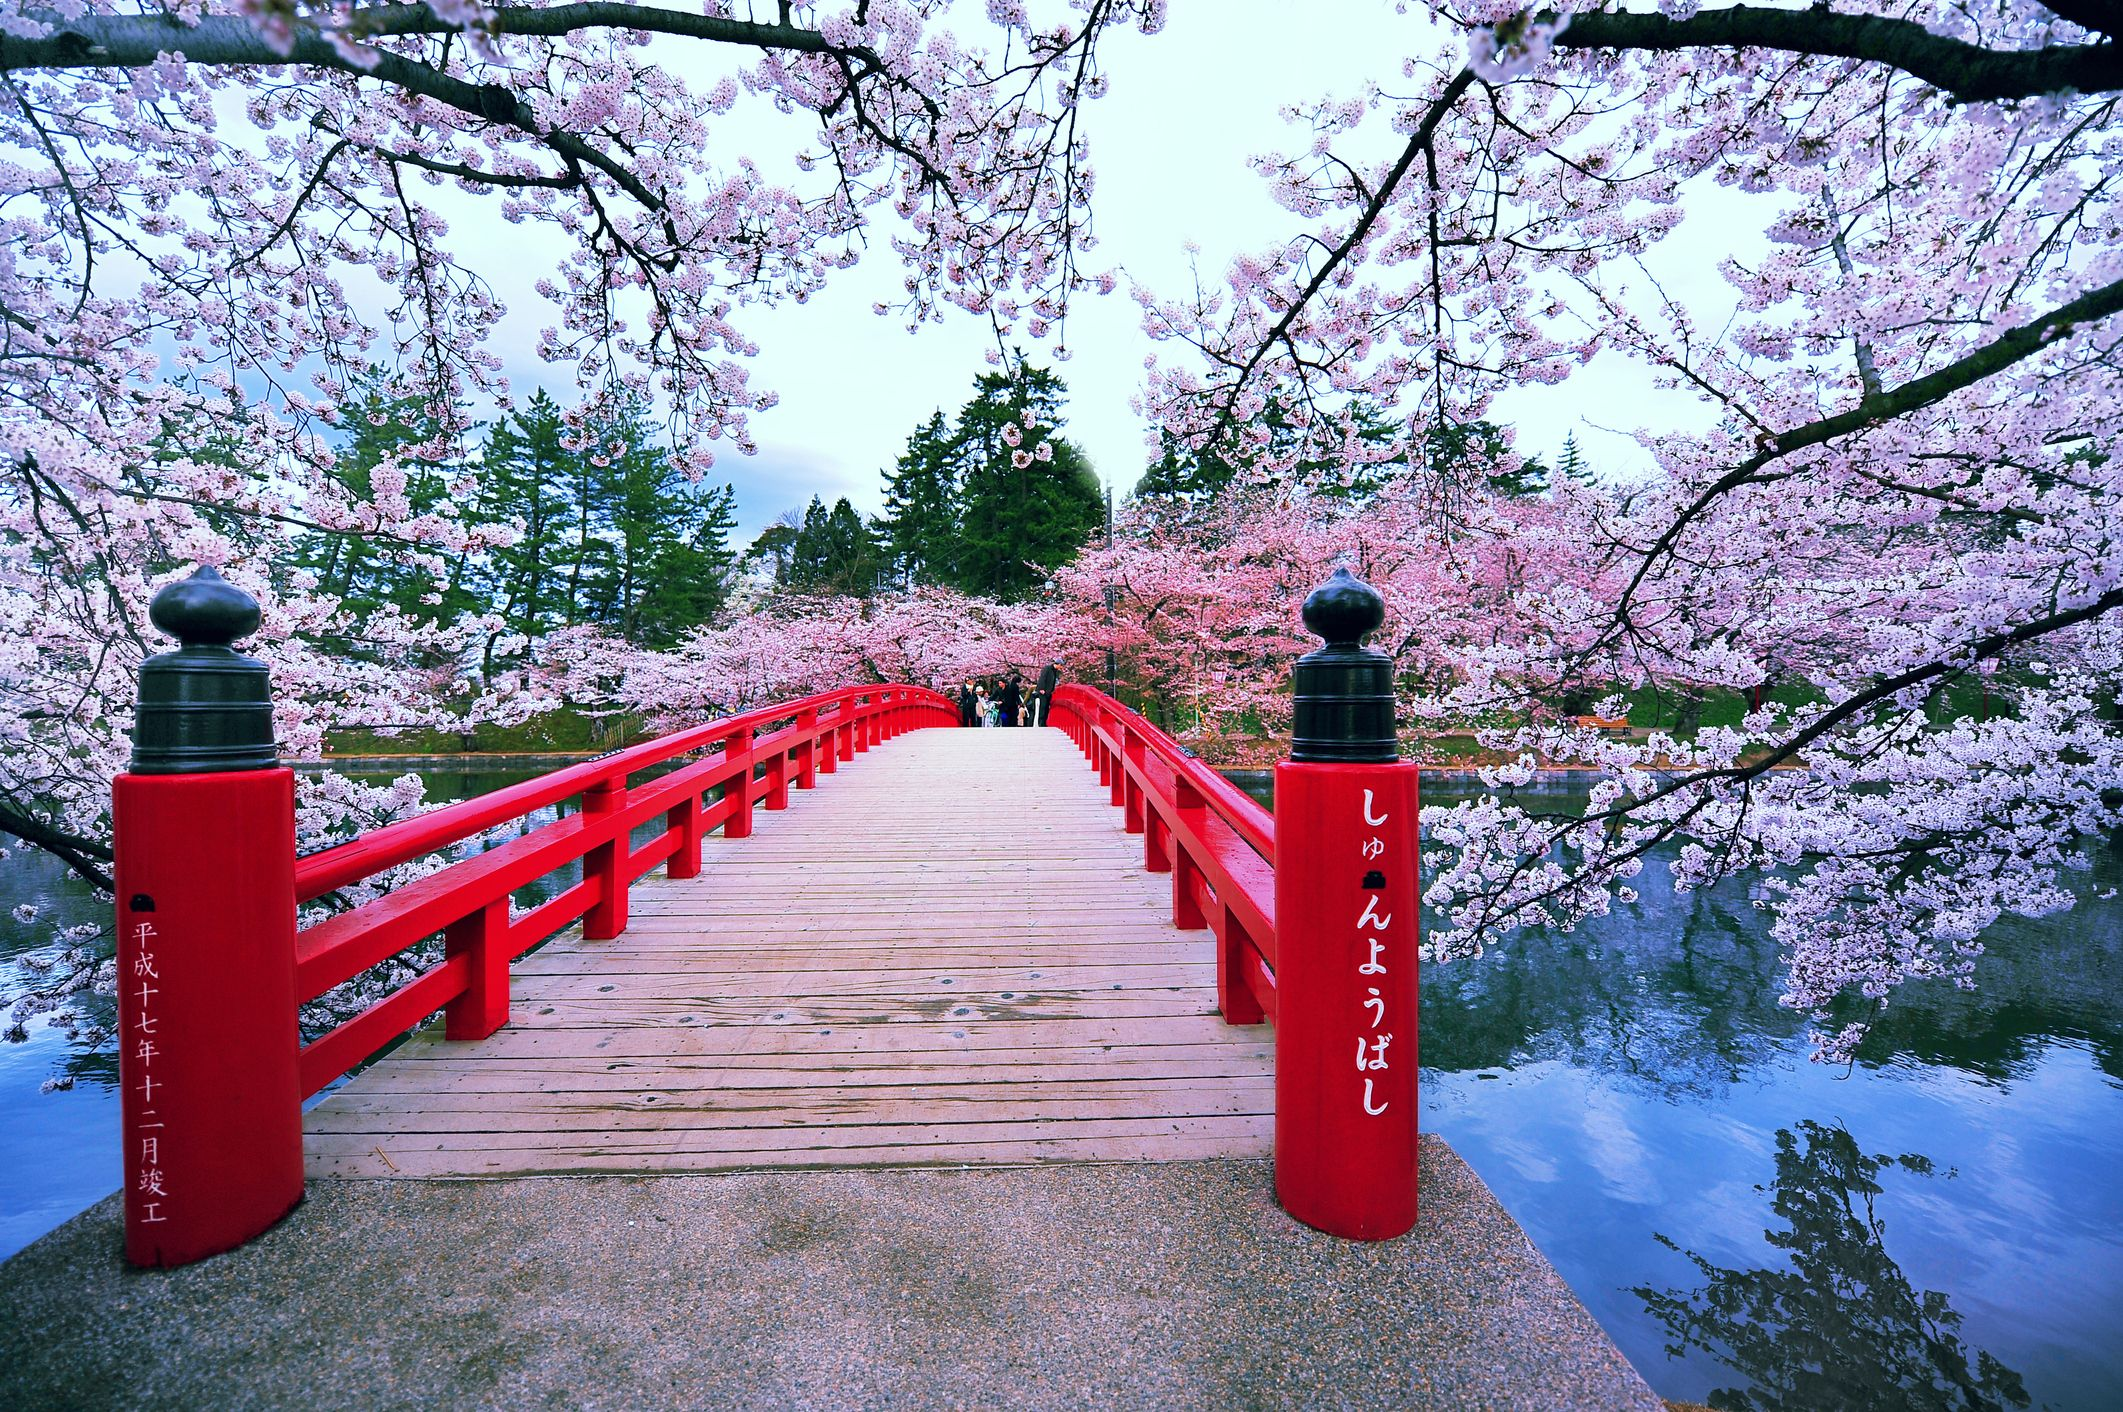 Watch Giappone: 7 cose da sapere prima di partire, suggerite dal traduttore di Haruki Murakami video